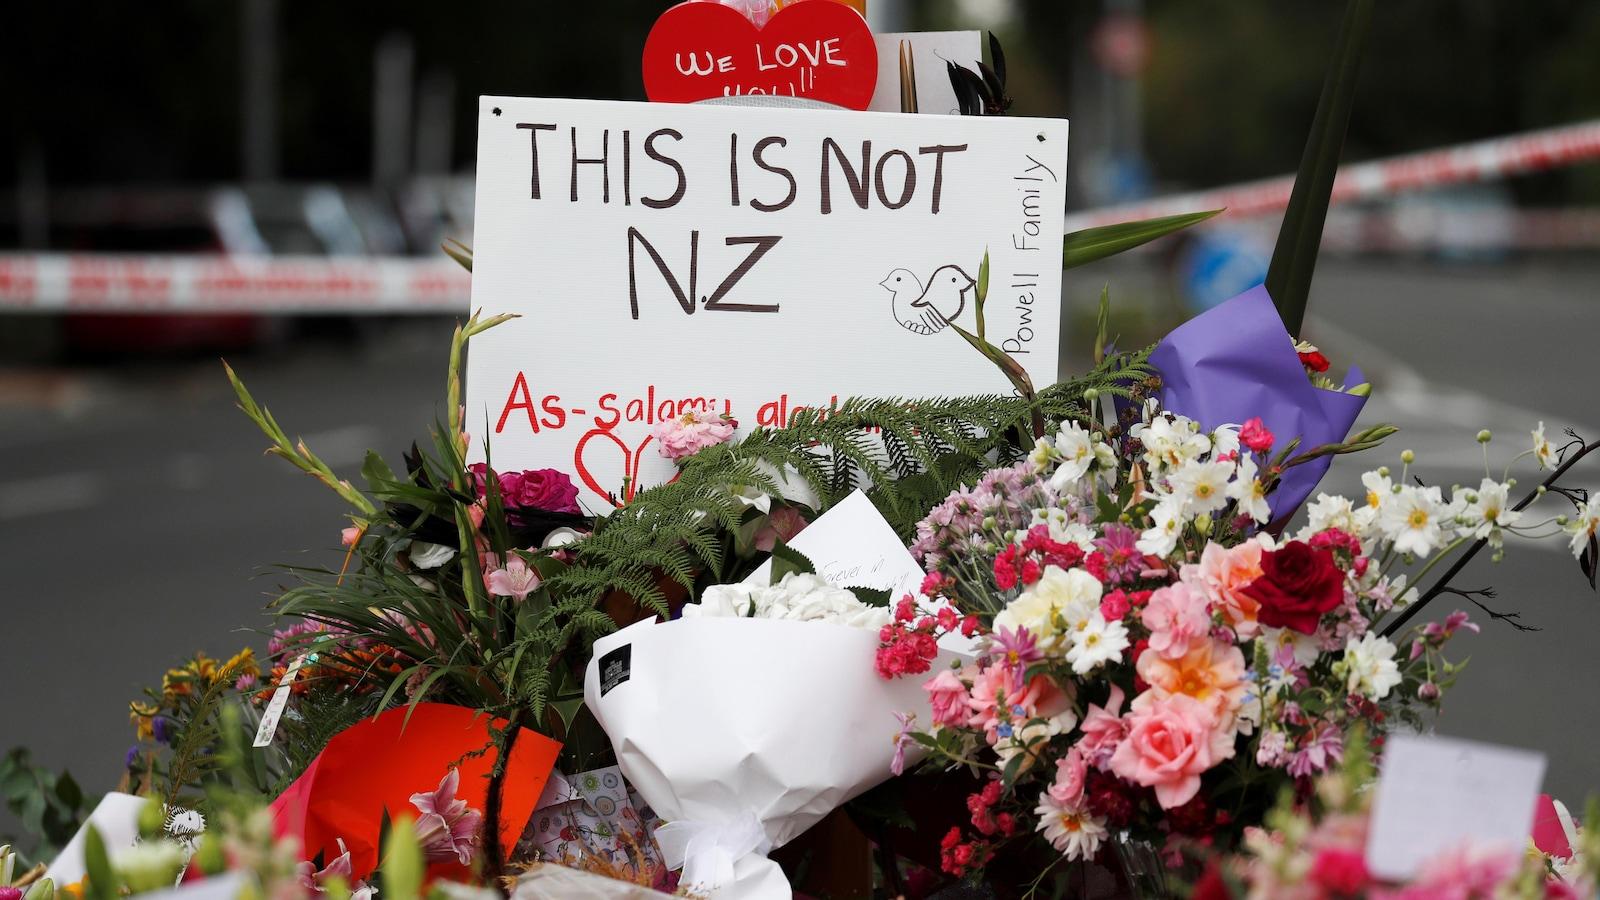 Un mémorial a été aménagé près de la mosquée Al Noor en hommage aux victimes de la fusillade de Christchurch, en Nouvelle-Zélande.